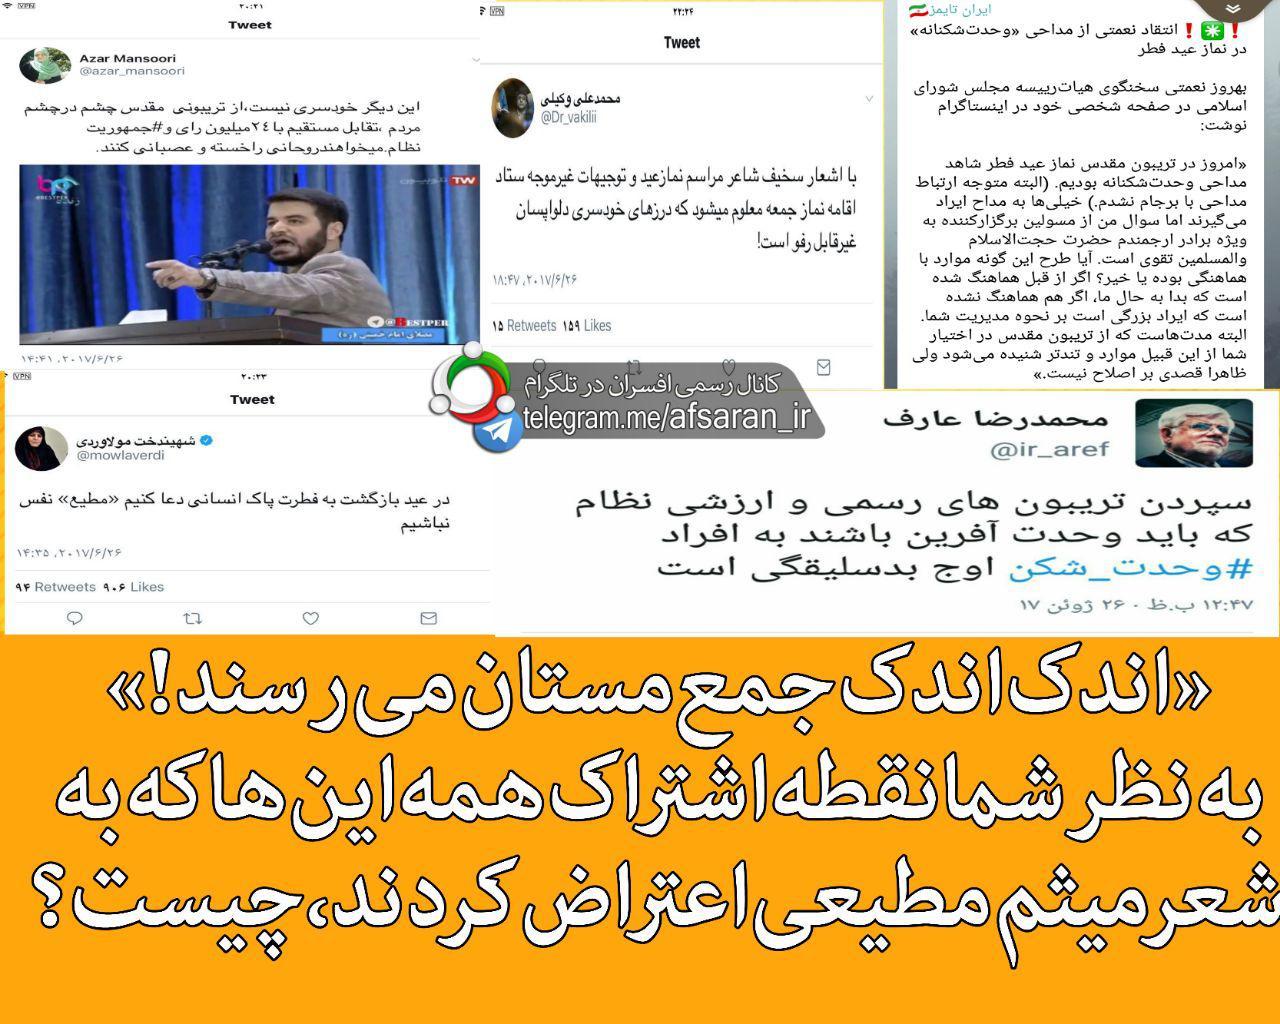 اندک اندک جمع مستان میرسند!! بهنظر شما نقطه اشتراک همه اینها که به شعر #میثم_مطیعی اعتراض کردند چیست؟!!